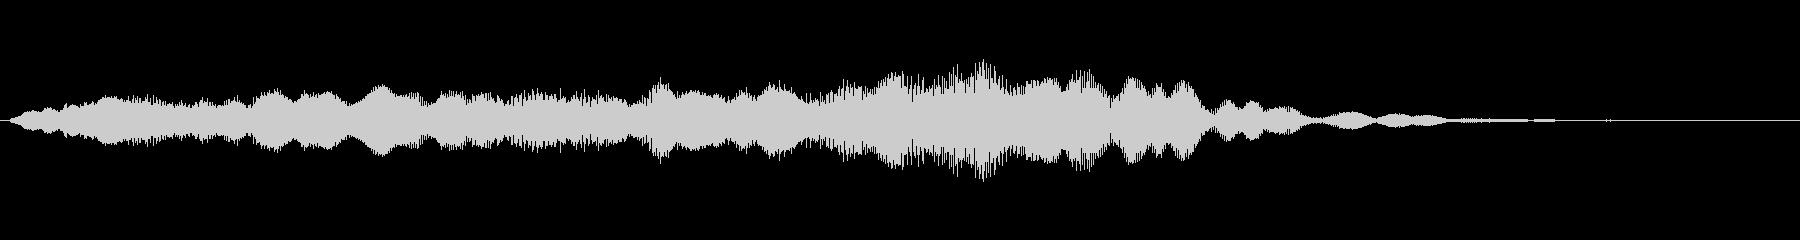 キラリンキラリンキラリリーン/ゆるいベルの未再生の波形